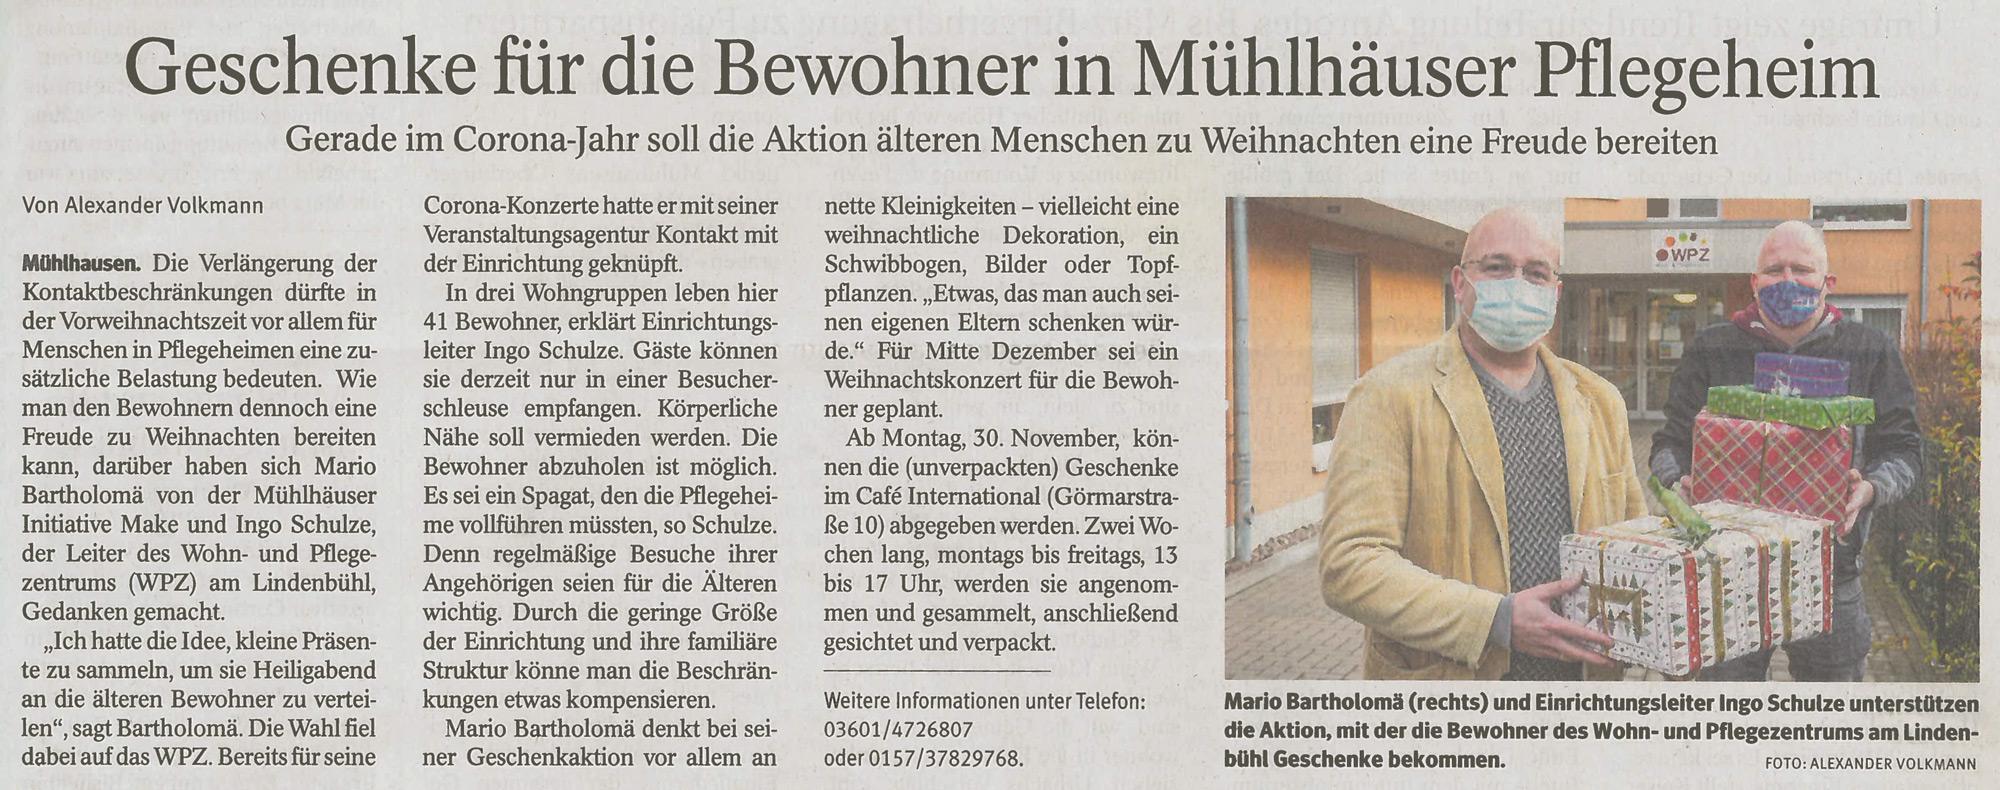 Bescherung im Pflegeheim Mühlhausen